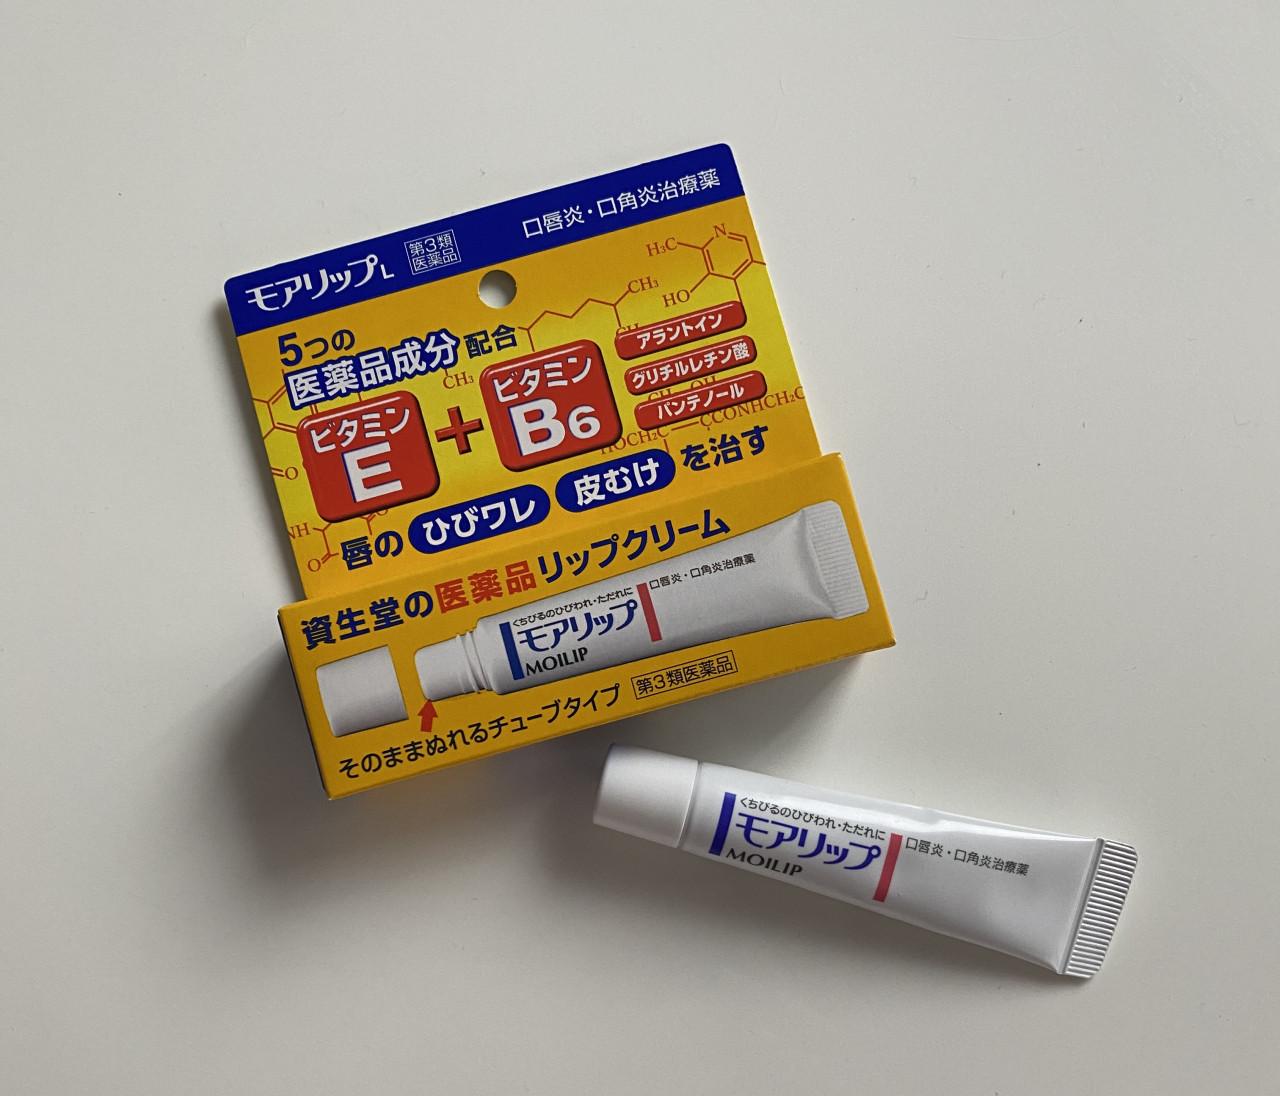 【唇荒れ専用治療薬】使用感や効果は?話題の「モアリップ」を使ってみた